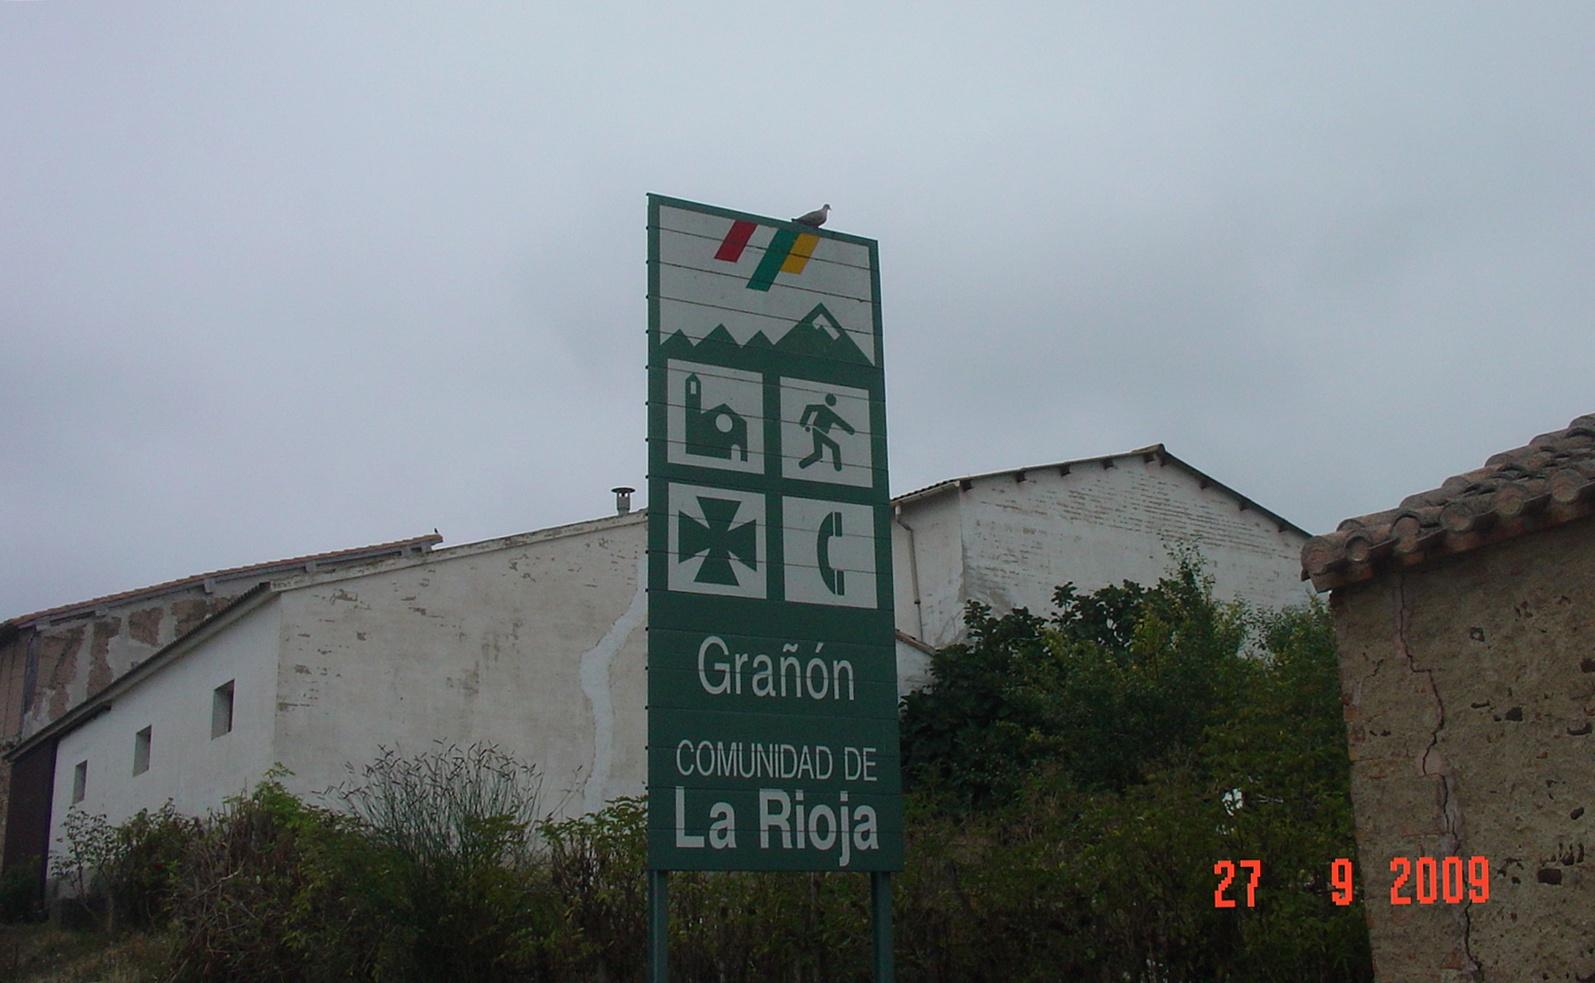 auf dem Weg nach Granon